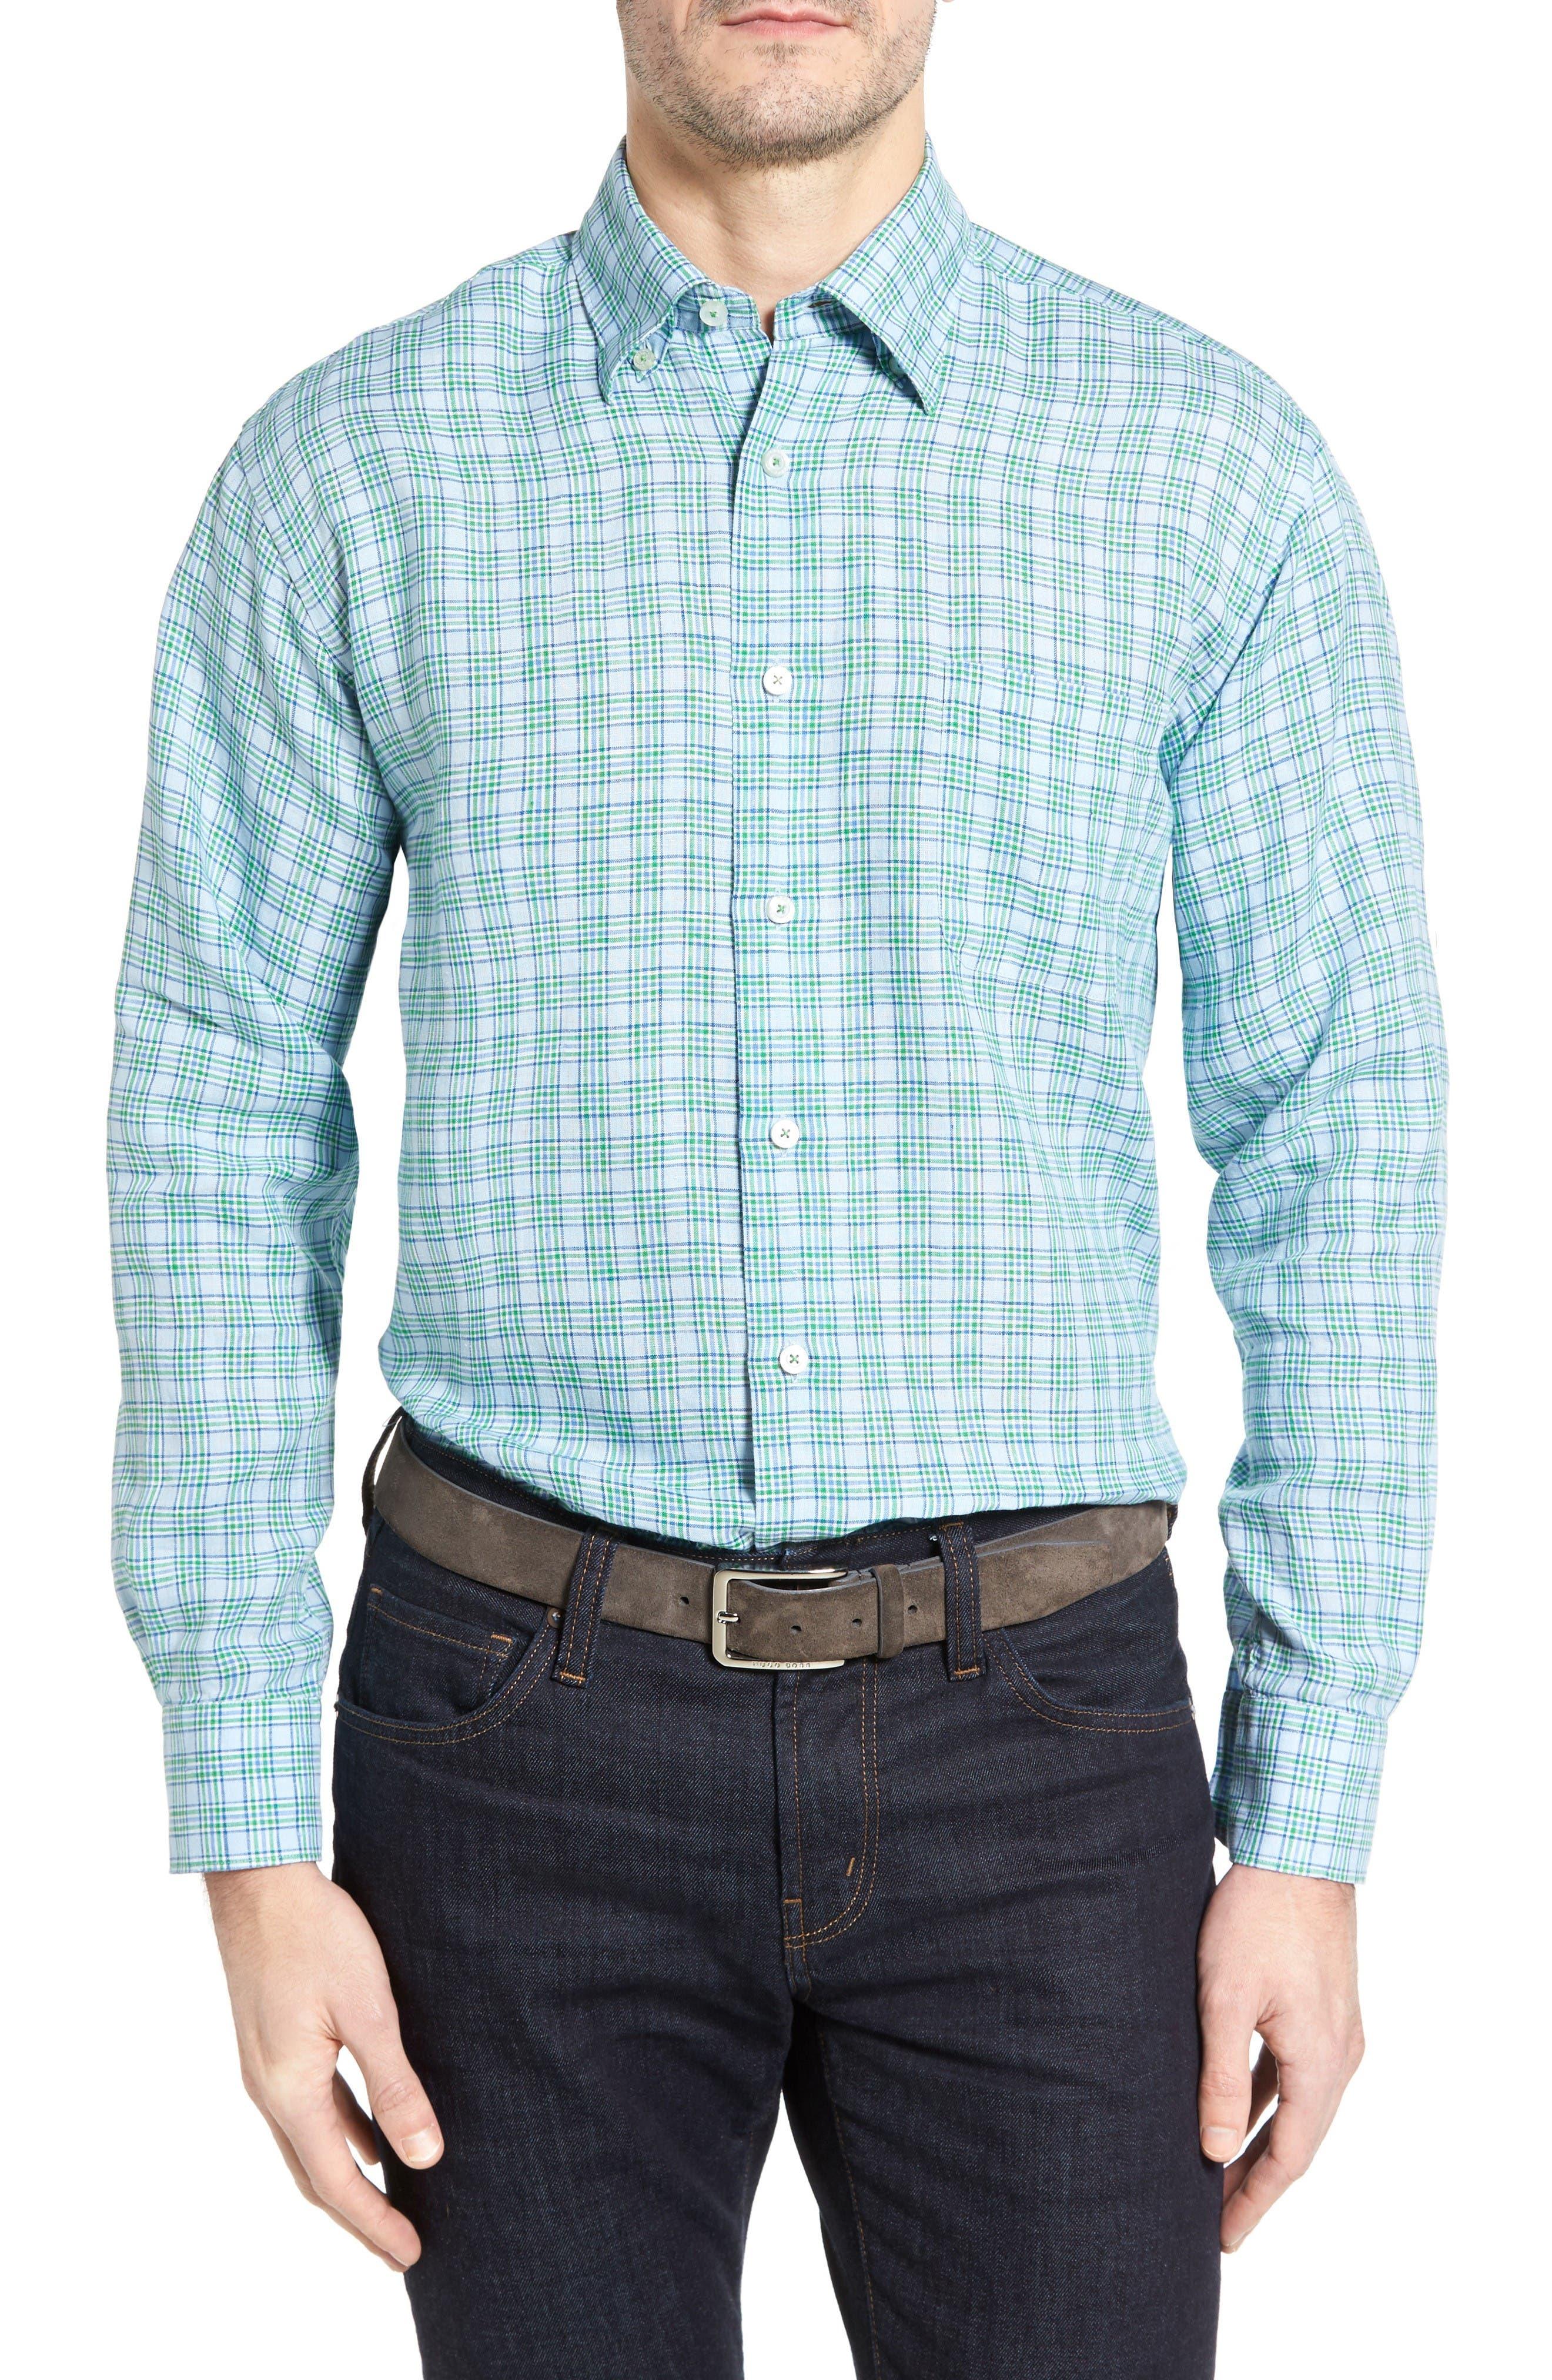 Anderson Classic Fit Sport Shirt,                         Main,                         color, Aqua